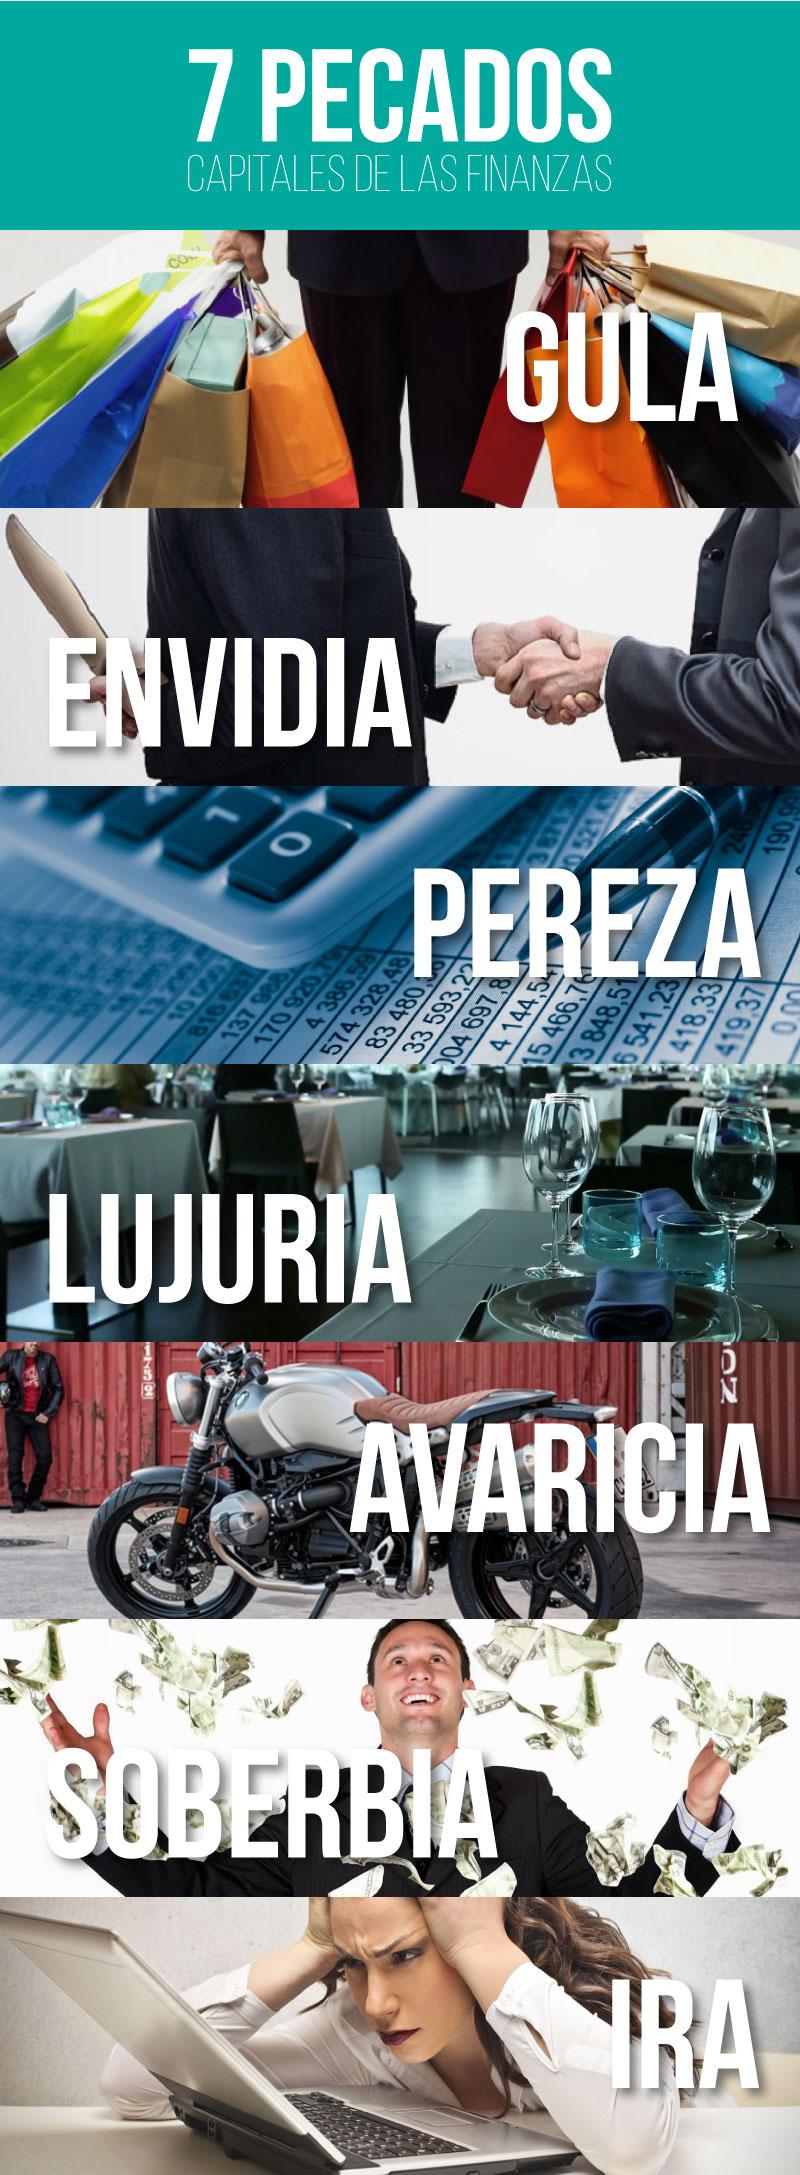 7_pecados_capitales_de_las_finanzas_info